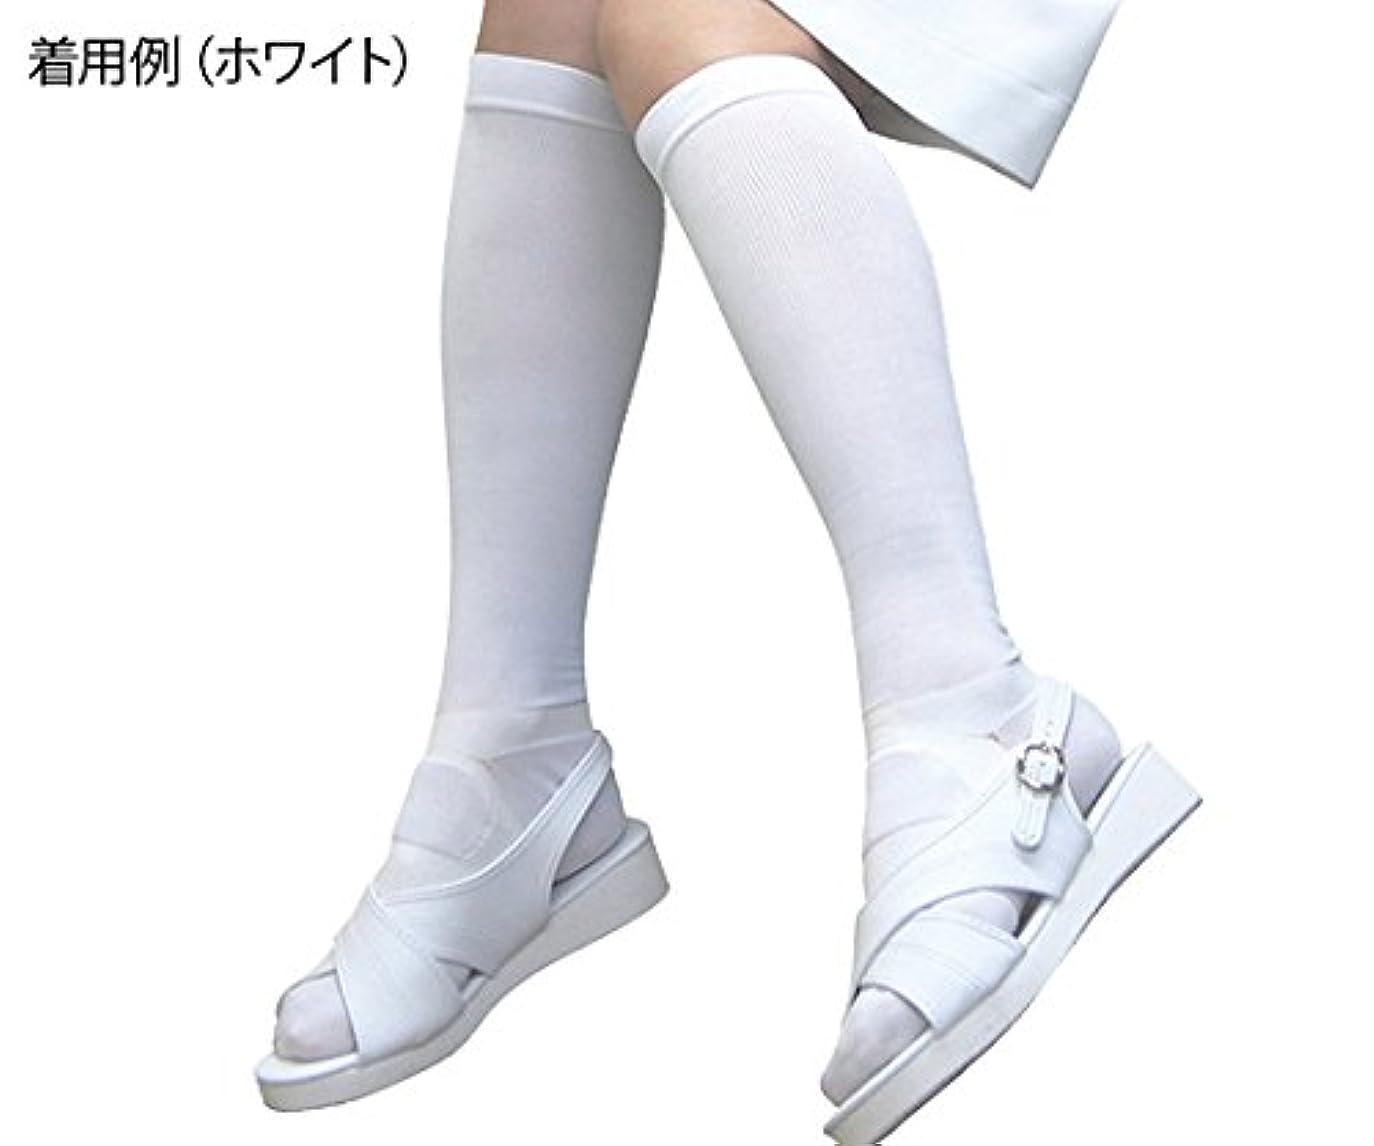 シミュレートする樹皮ナチュラル足もとソリューション女性用 白 Sサイズ  /8-6564-01